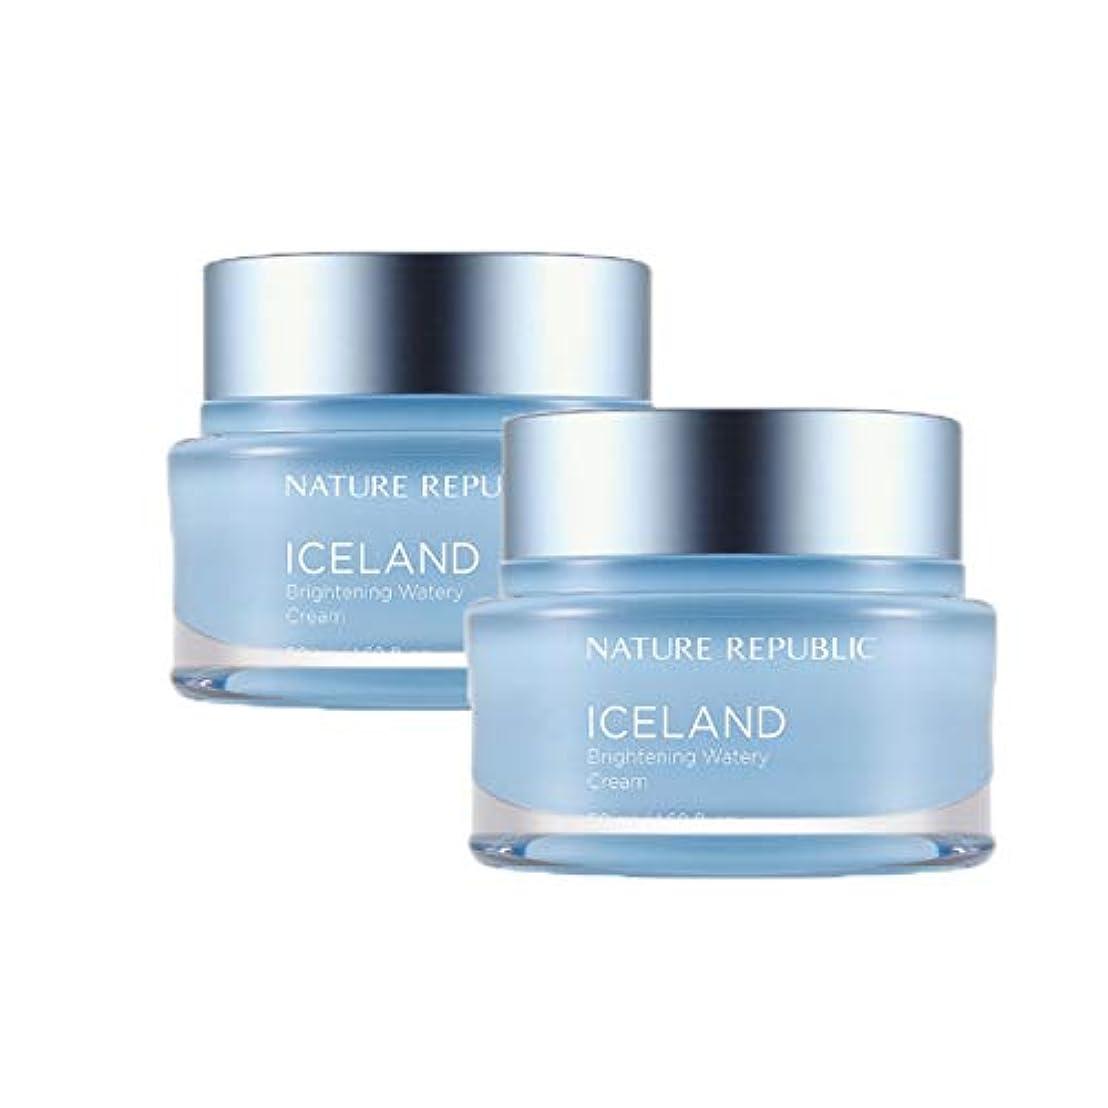 発信命題いっぱいネイチャーリパブリックアイスランドブライトニング水分クリーム50mlx2本セット韓国コスメ、Nature Republic Iceland Brightening Watery Cream 50ml x 2ea Set...